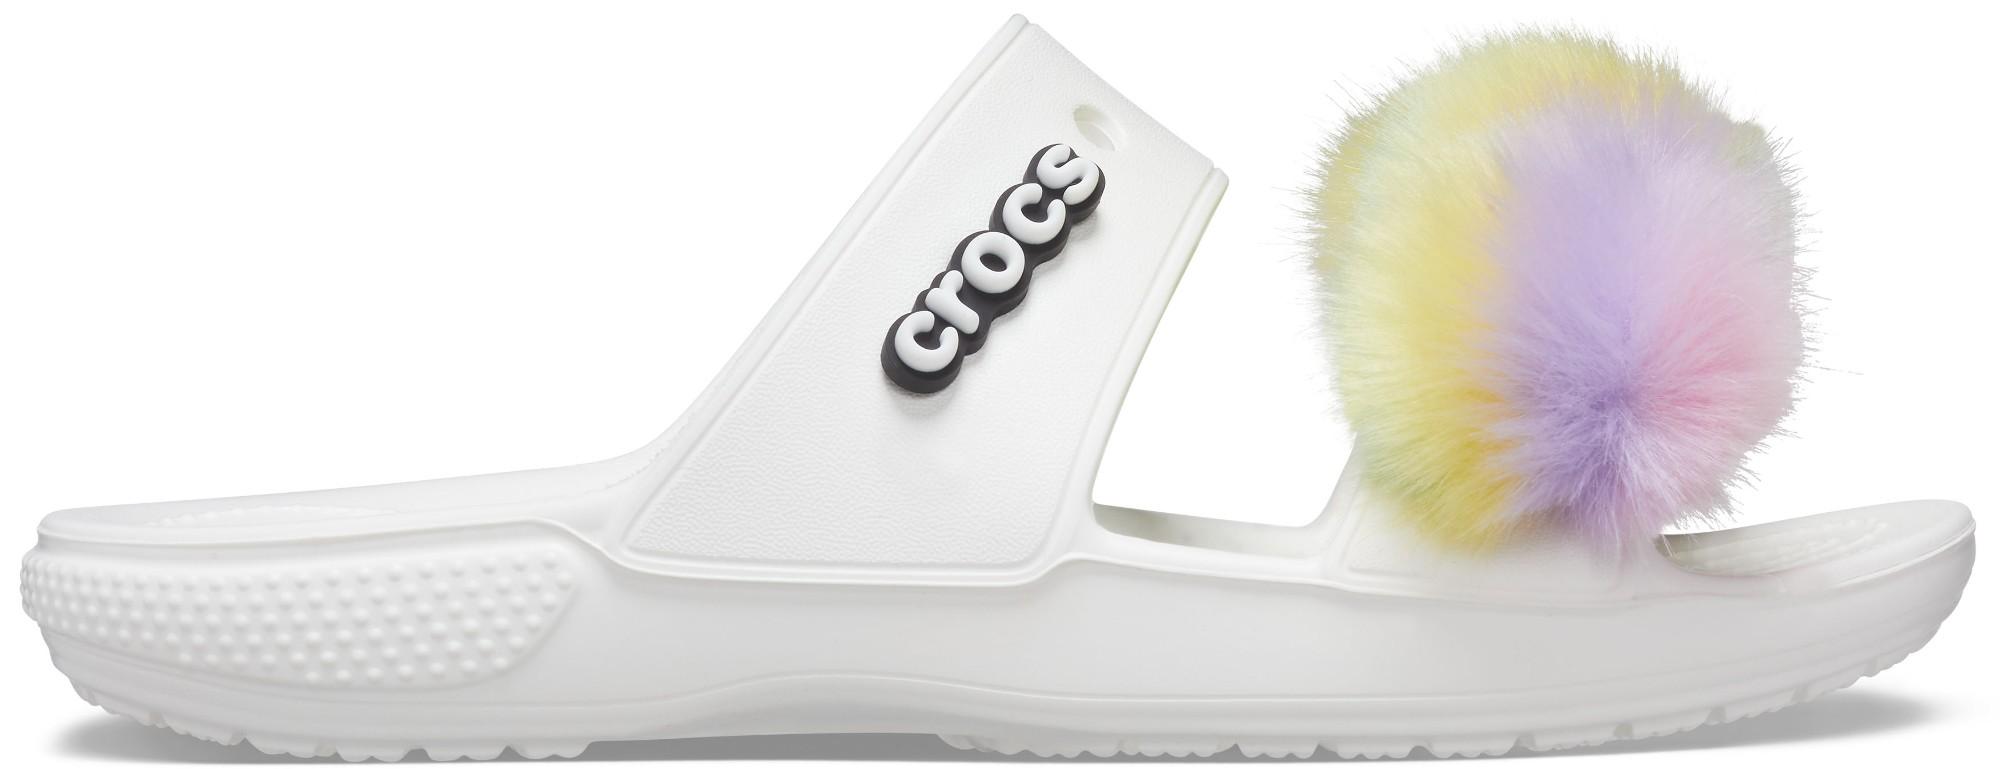 Crocs™ Classic Fur Sure Sandal White 38,5